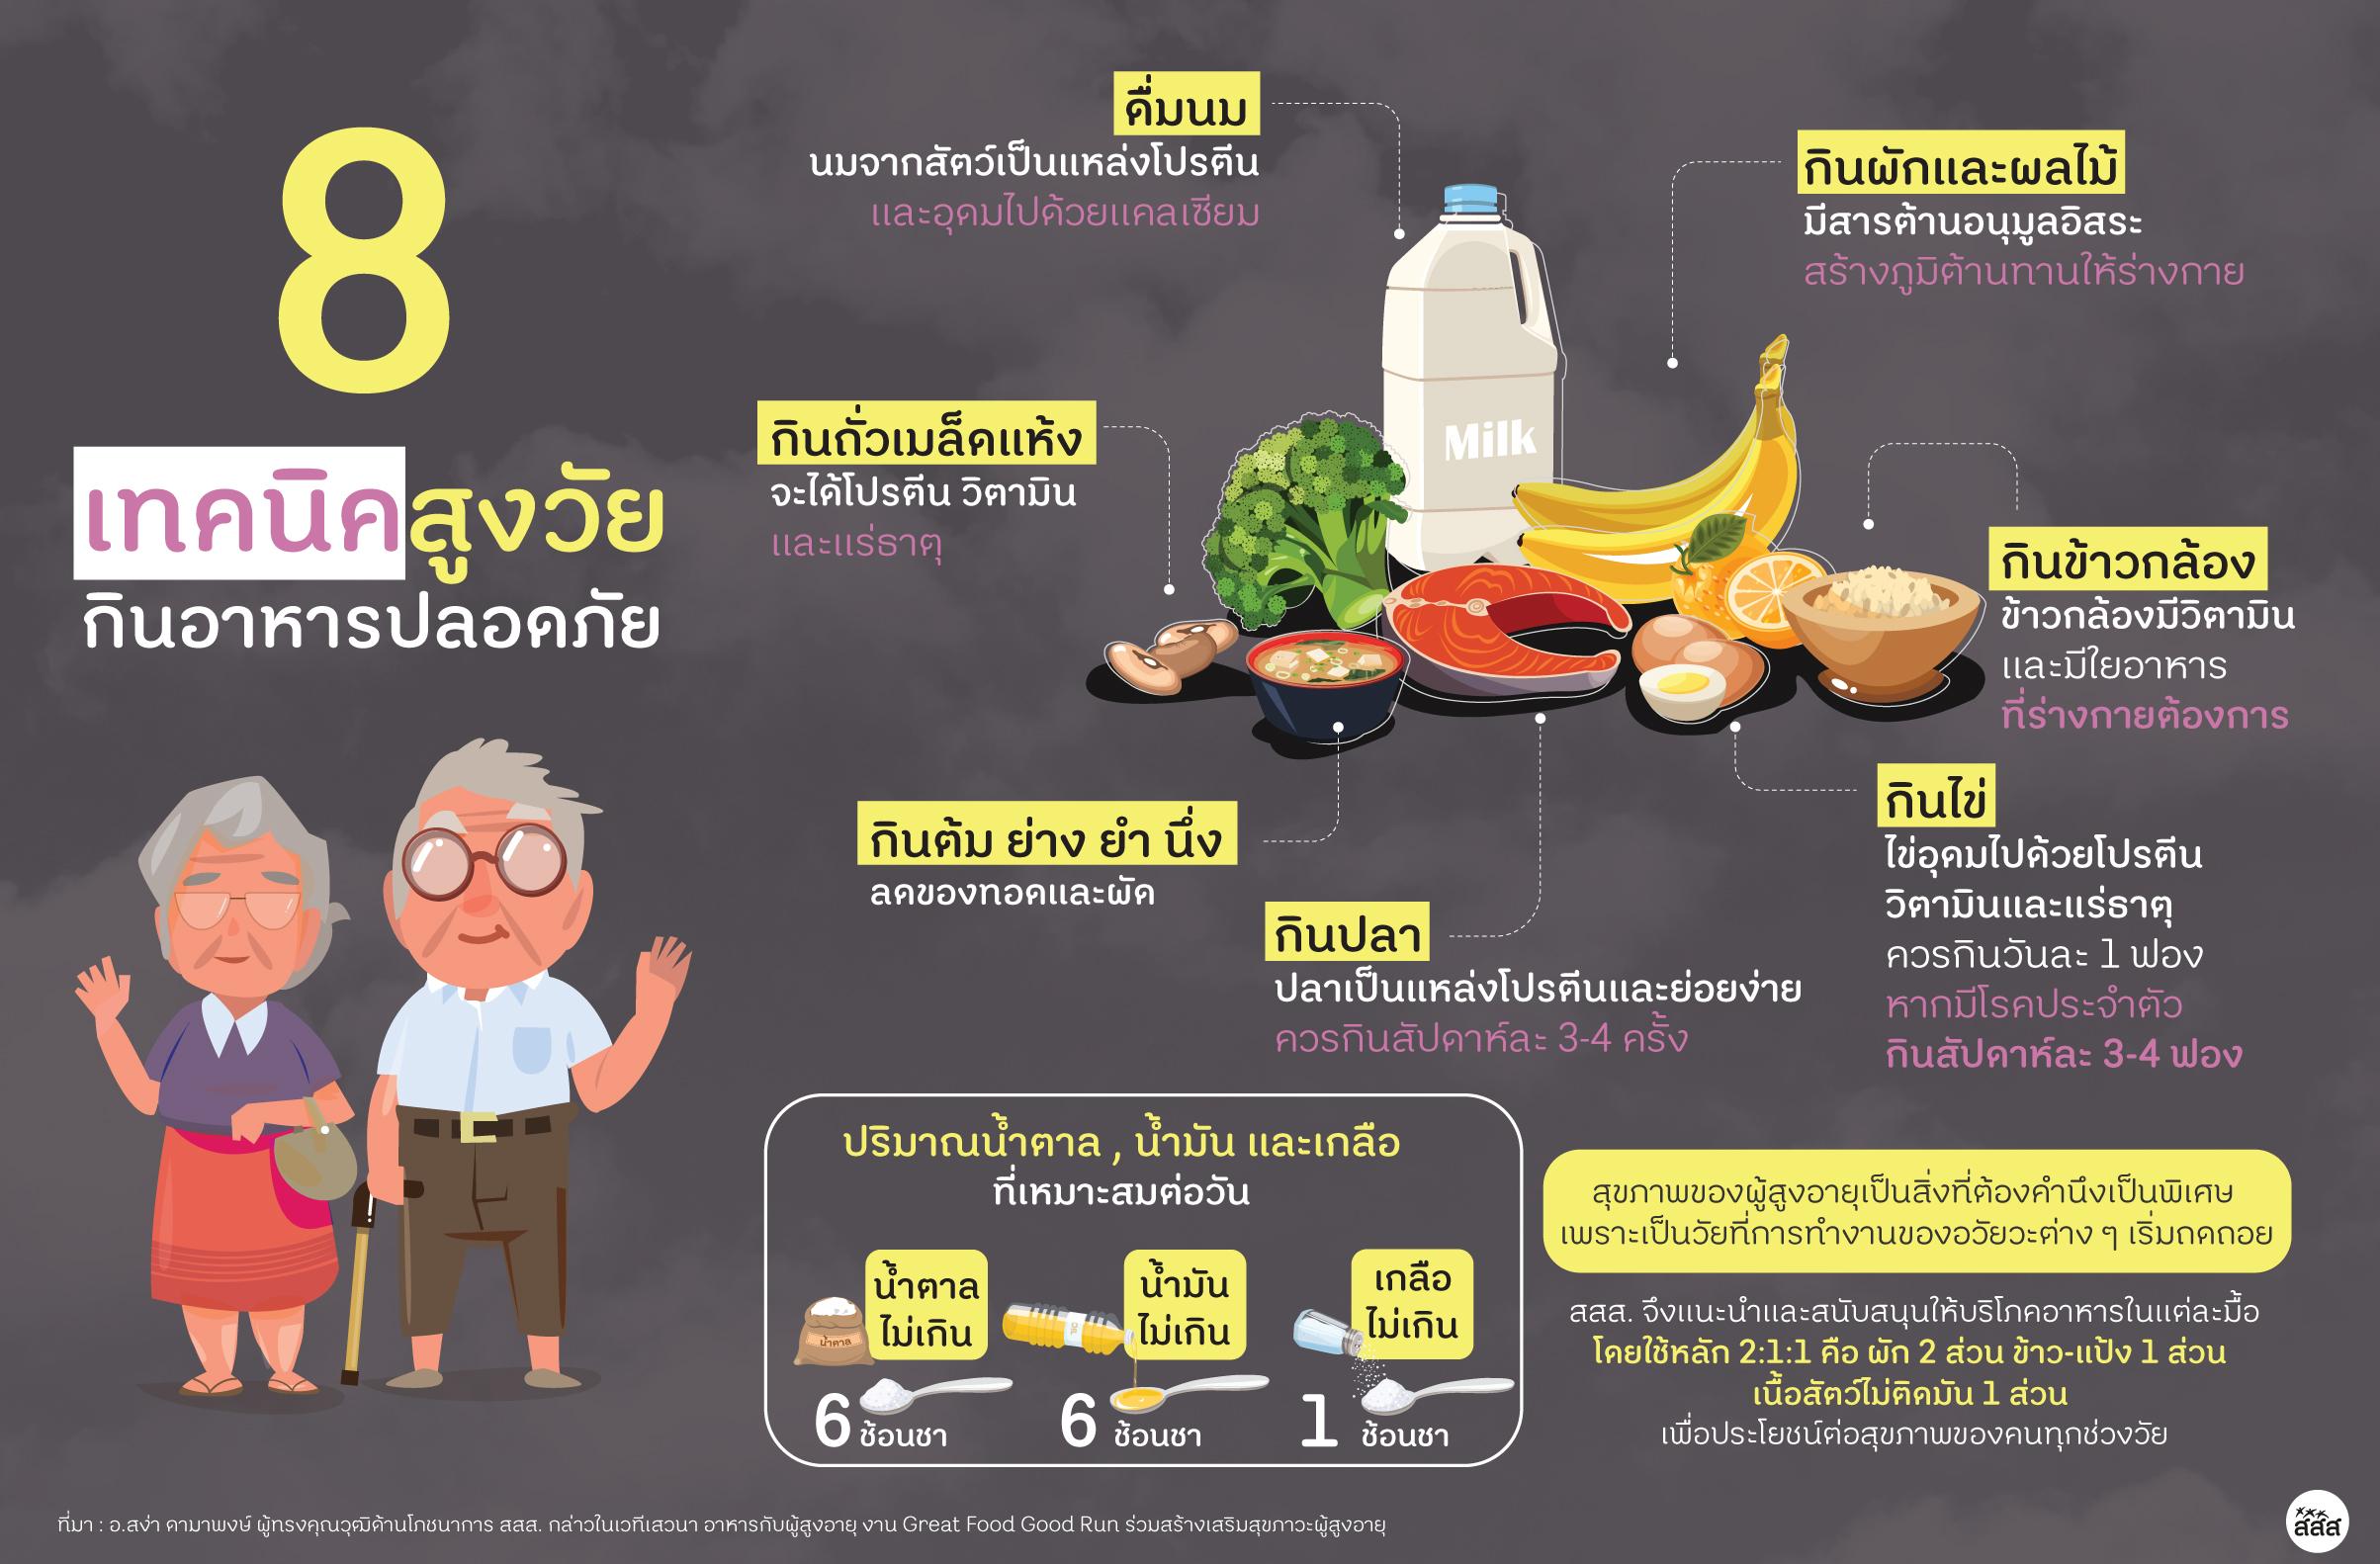 ทำไมต้องห้ามกินเค็ม? thaihealth